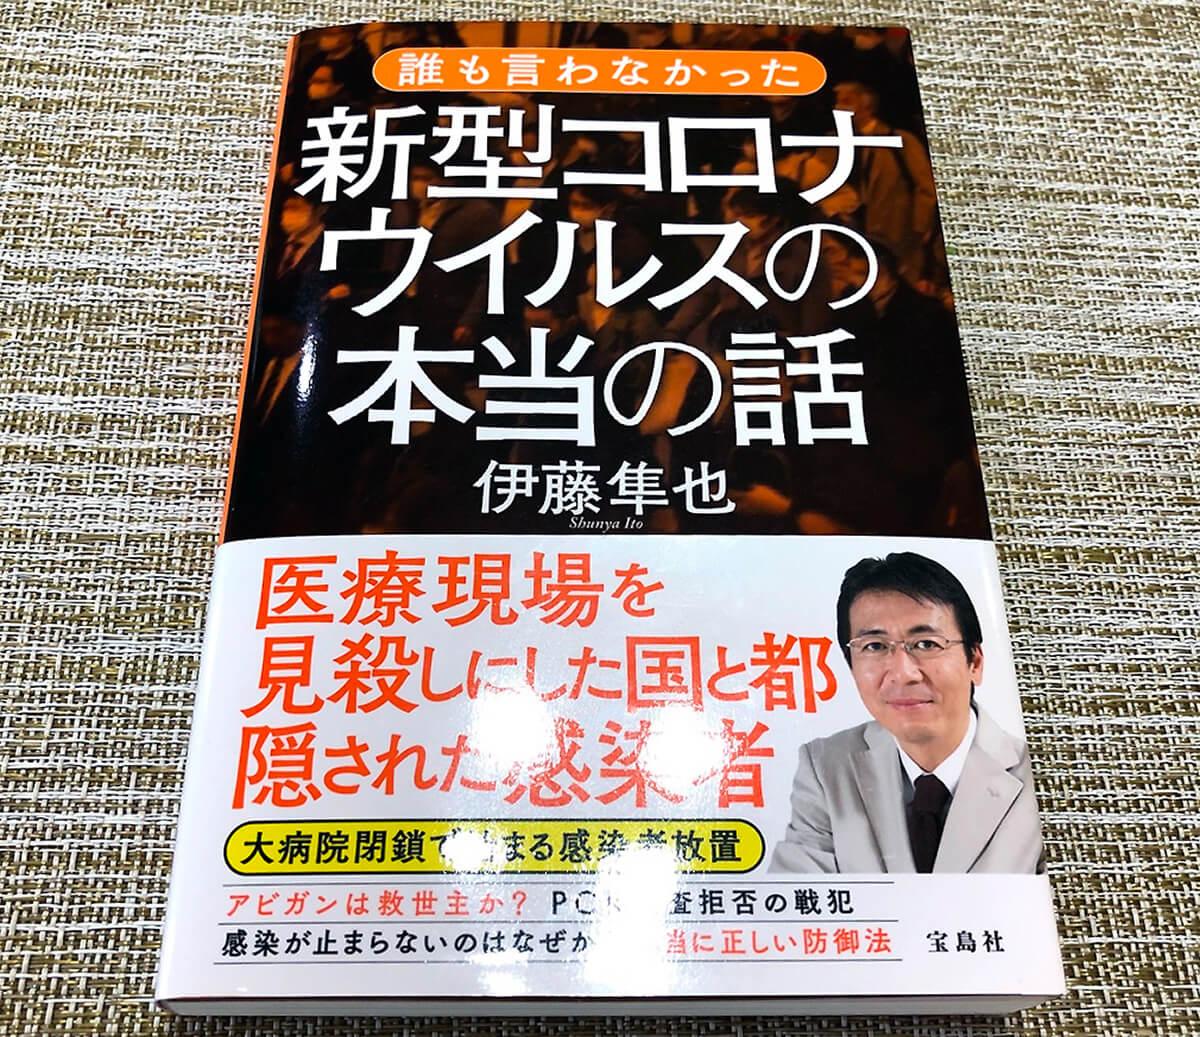 本当に感染から身を守る方法とは何か、真実を追求した一冊ということになっているトンデモ本